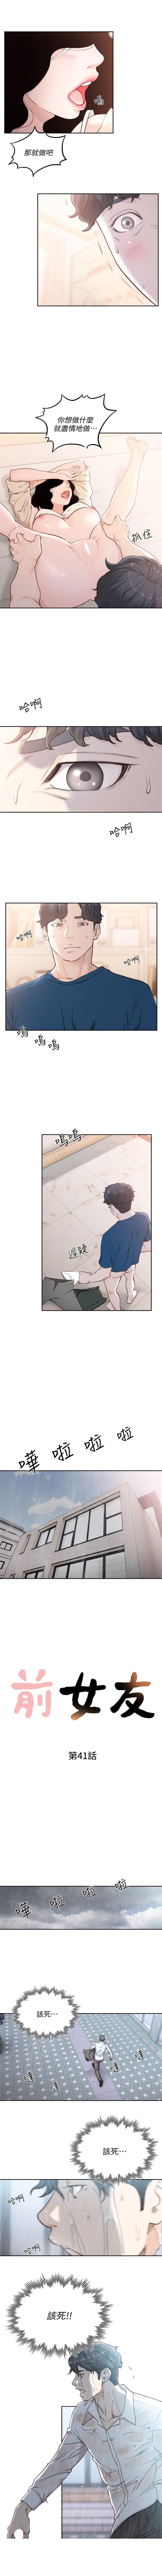 前女友 1-48 中文翻译(更新中) 222